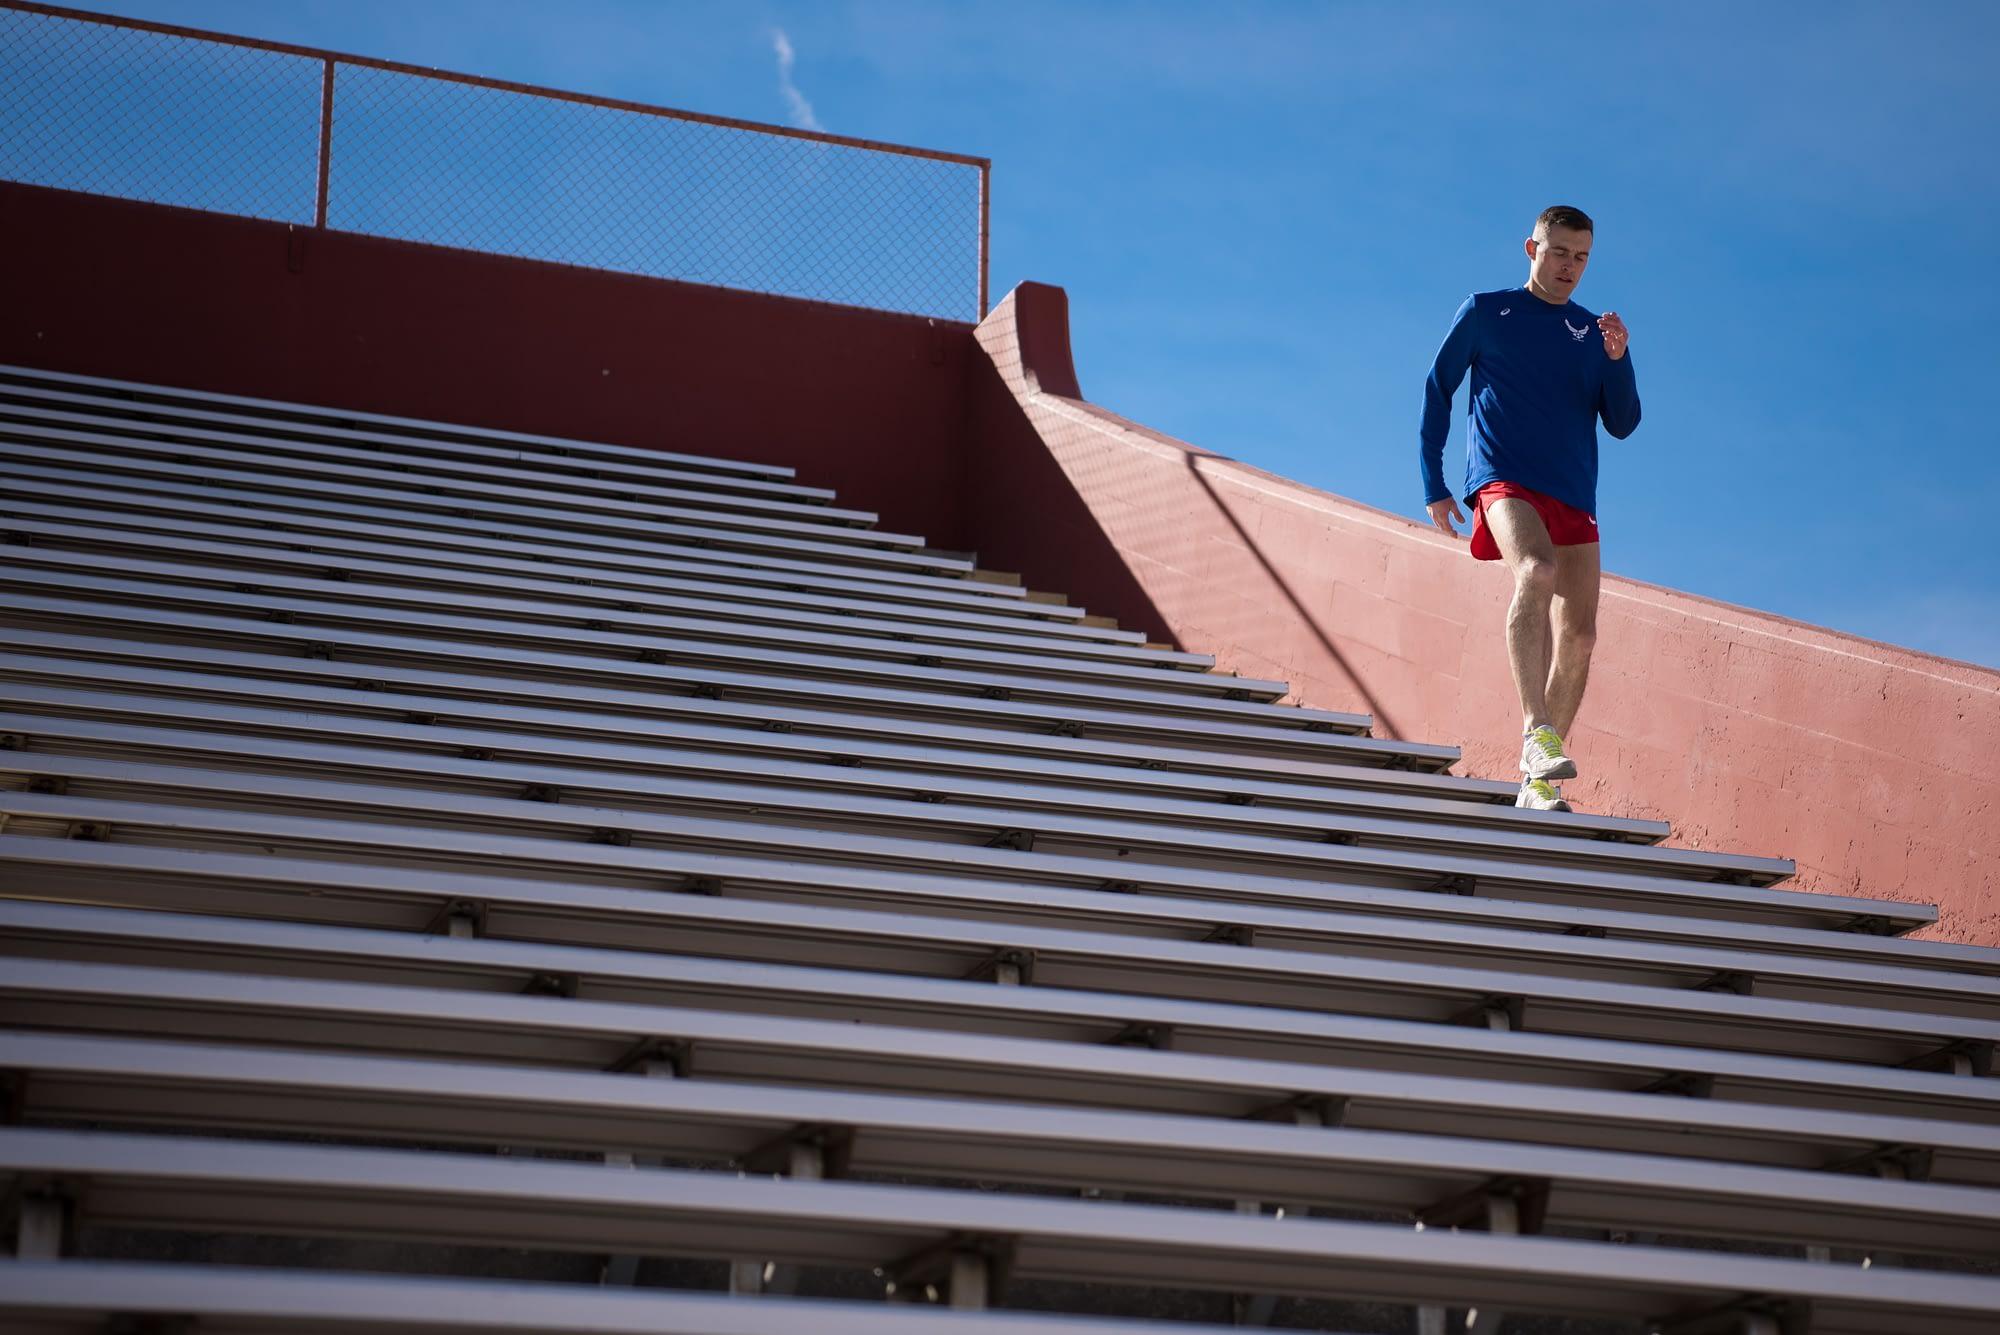 Stair running